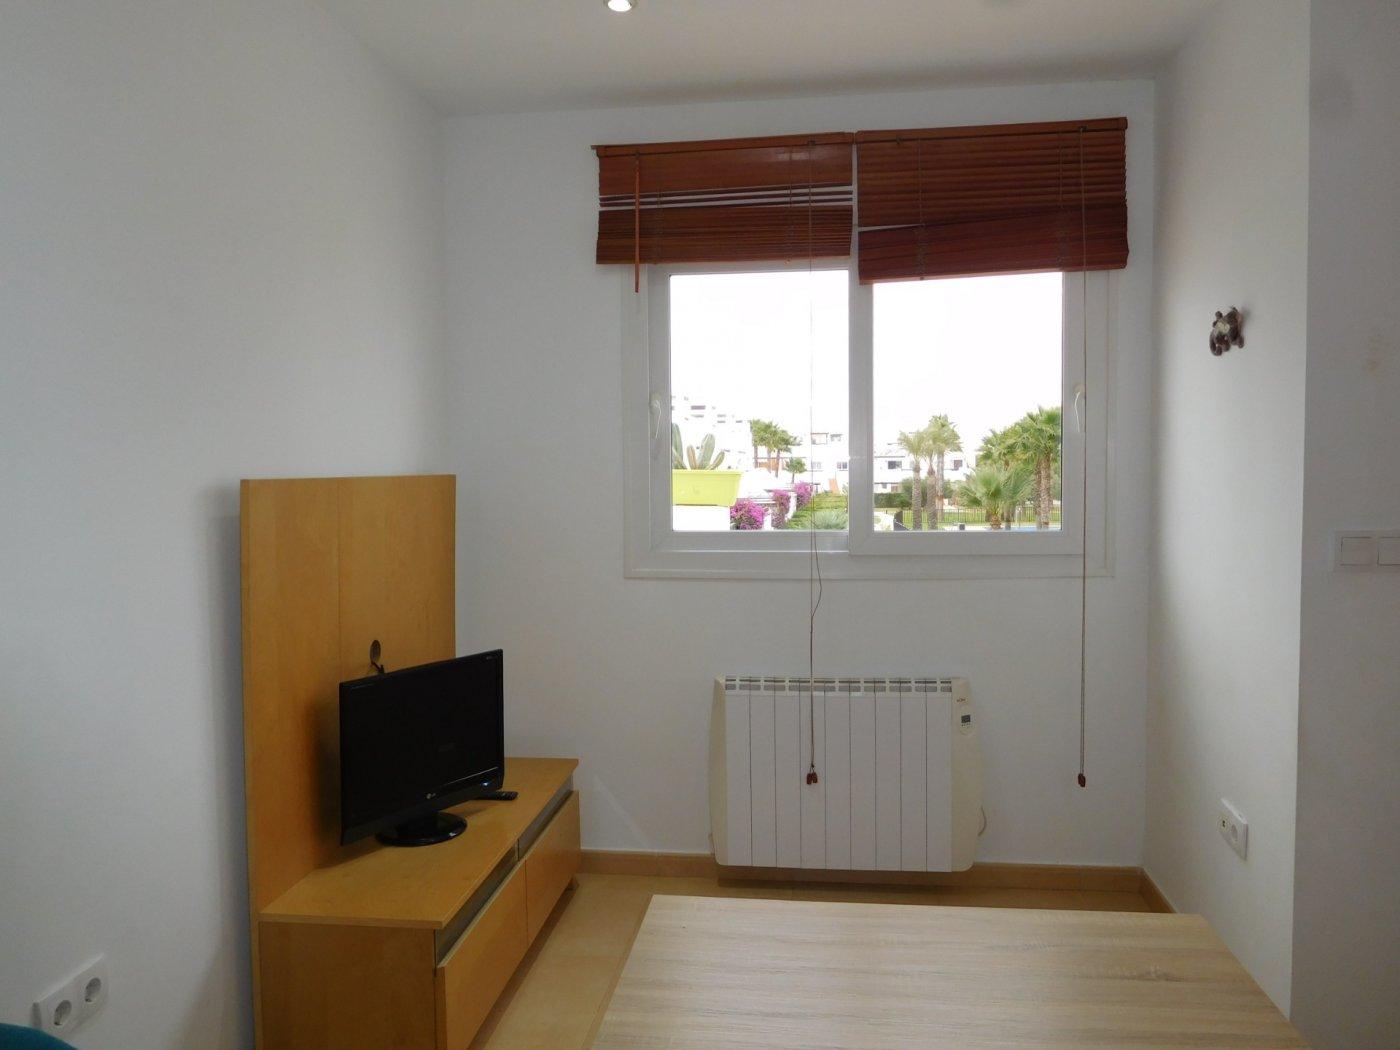 Image 7 Apartment ref 3265-2371 for rent in Condado De Alhama Spain - Quality Homes Costa Cálida